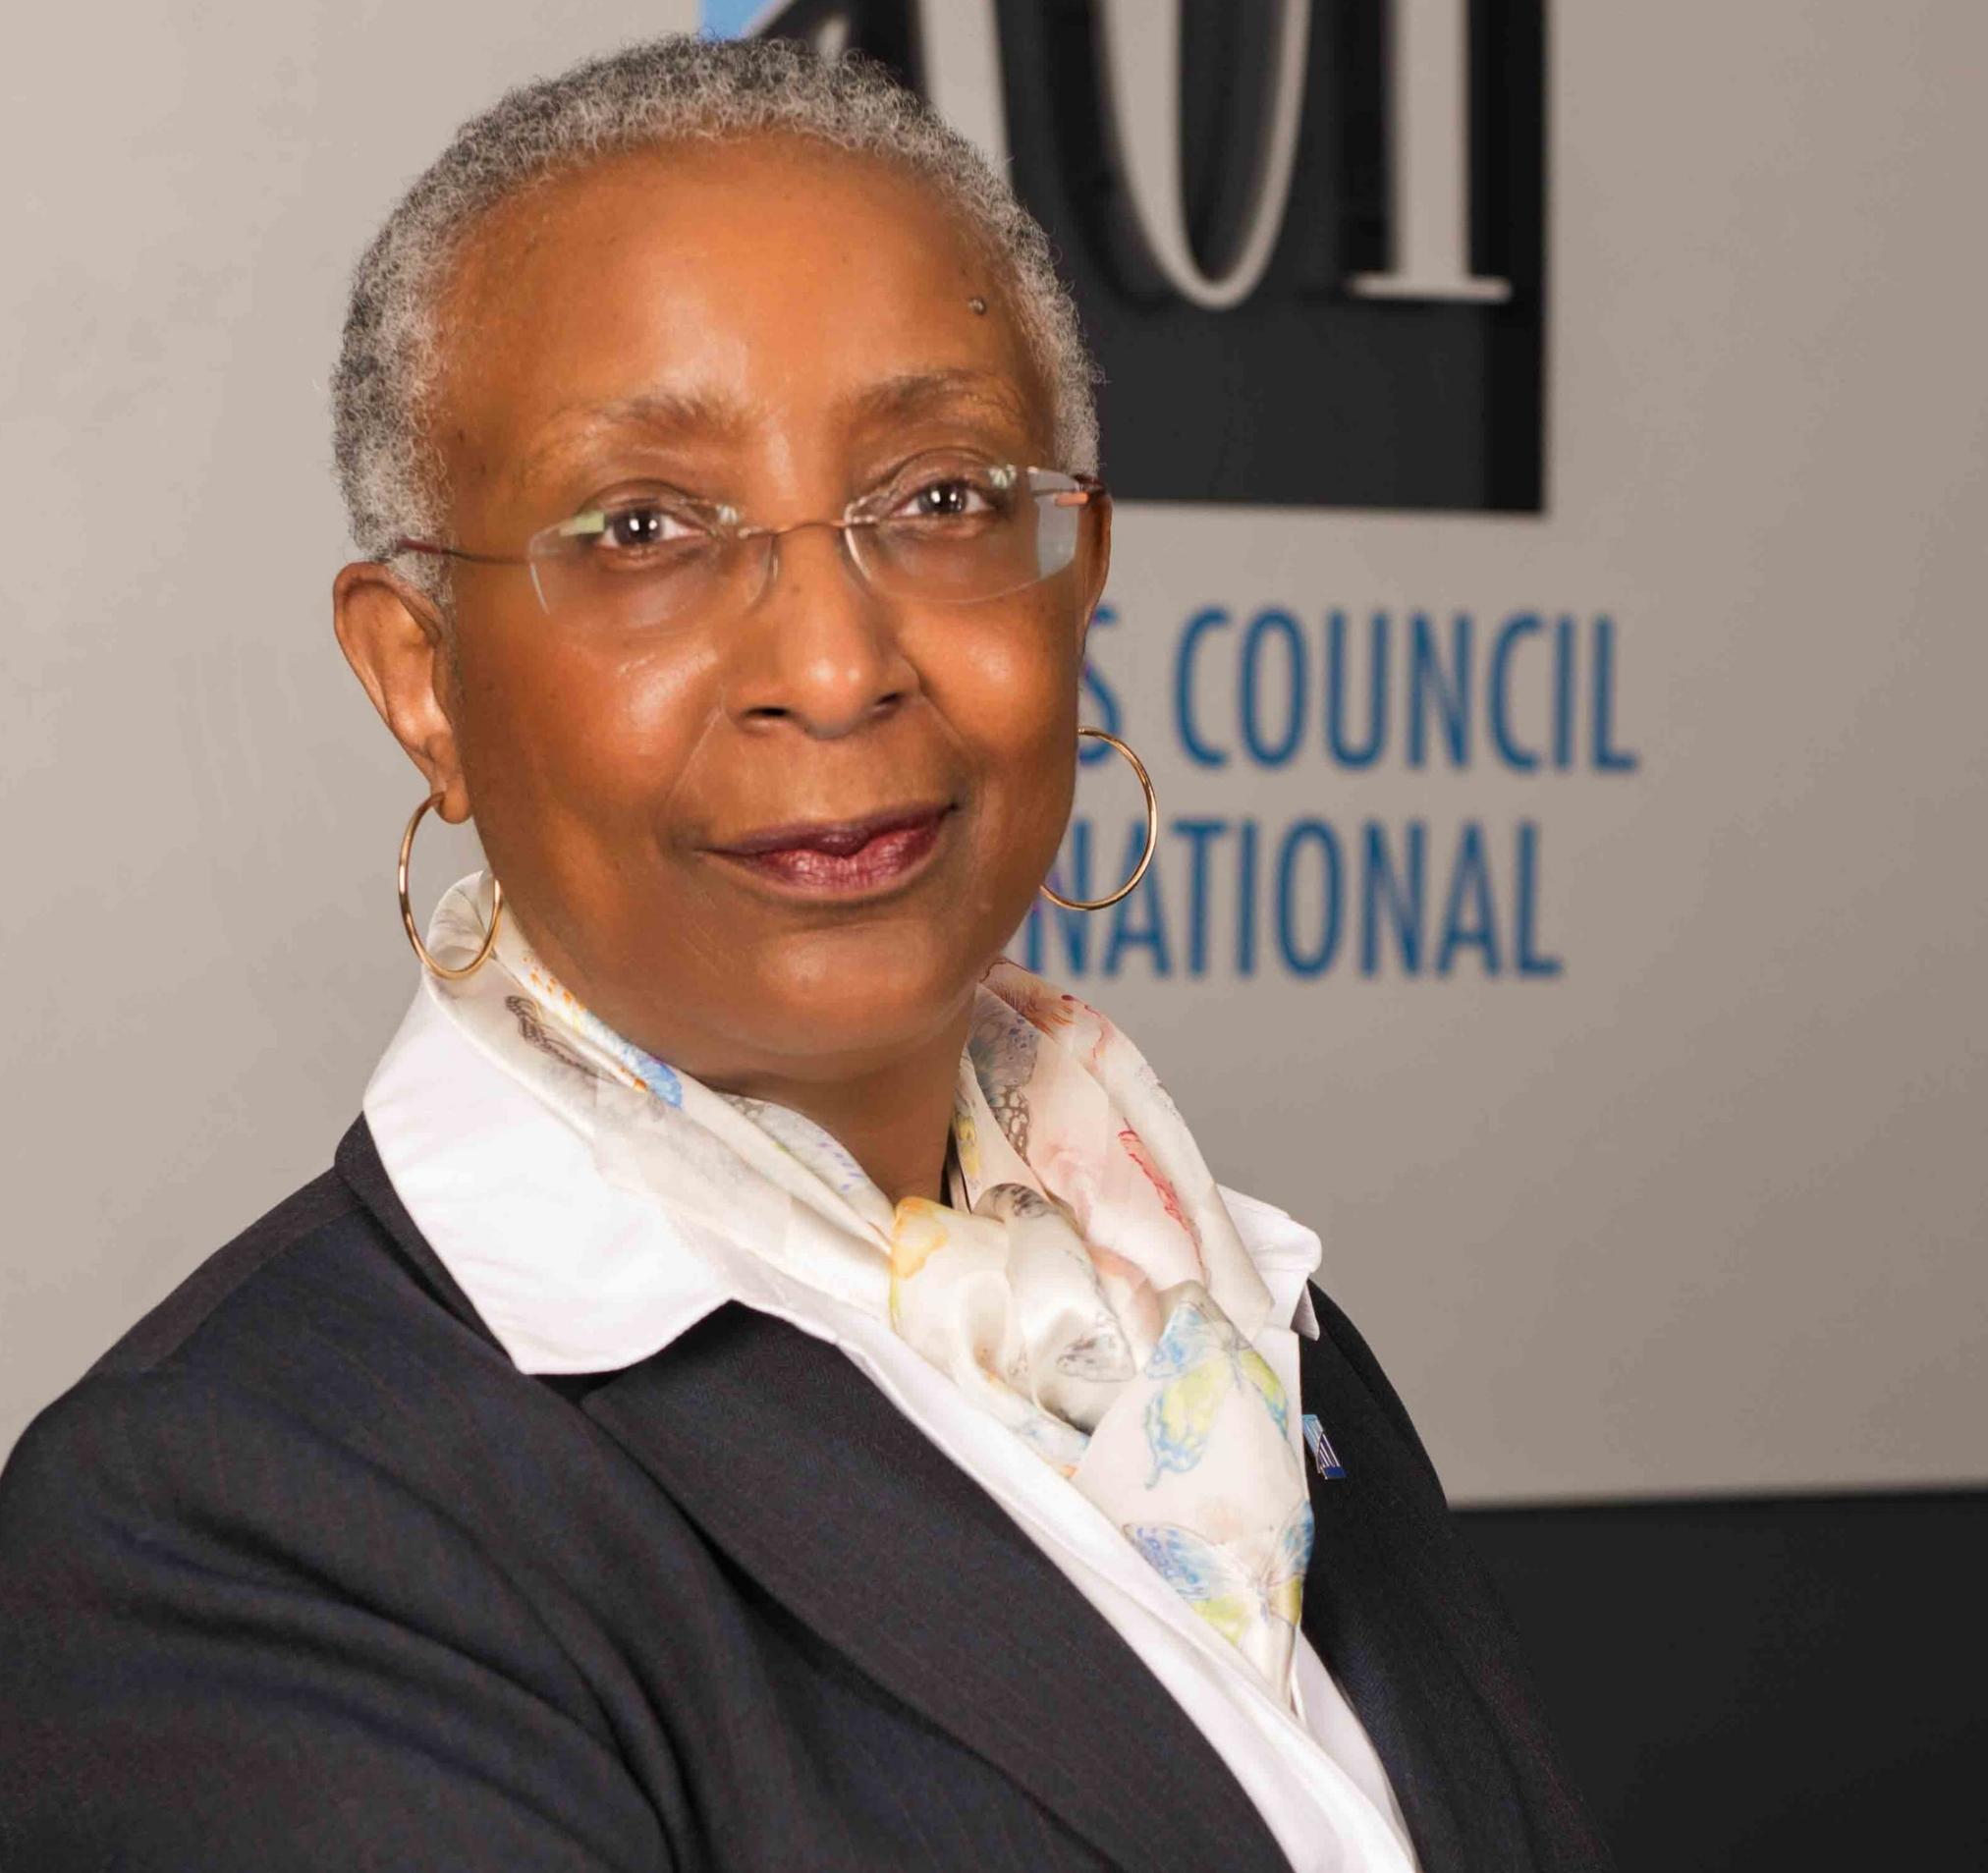 Angela Gittens, Director General, Airports Council International (ACI)